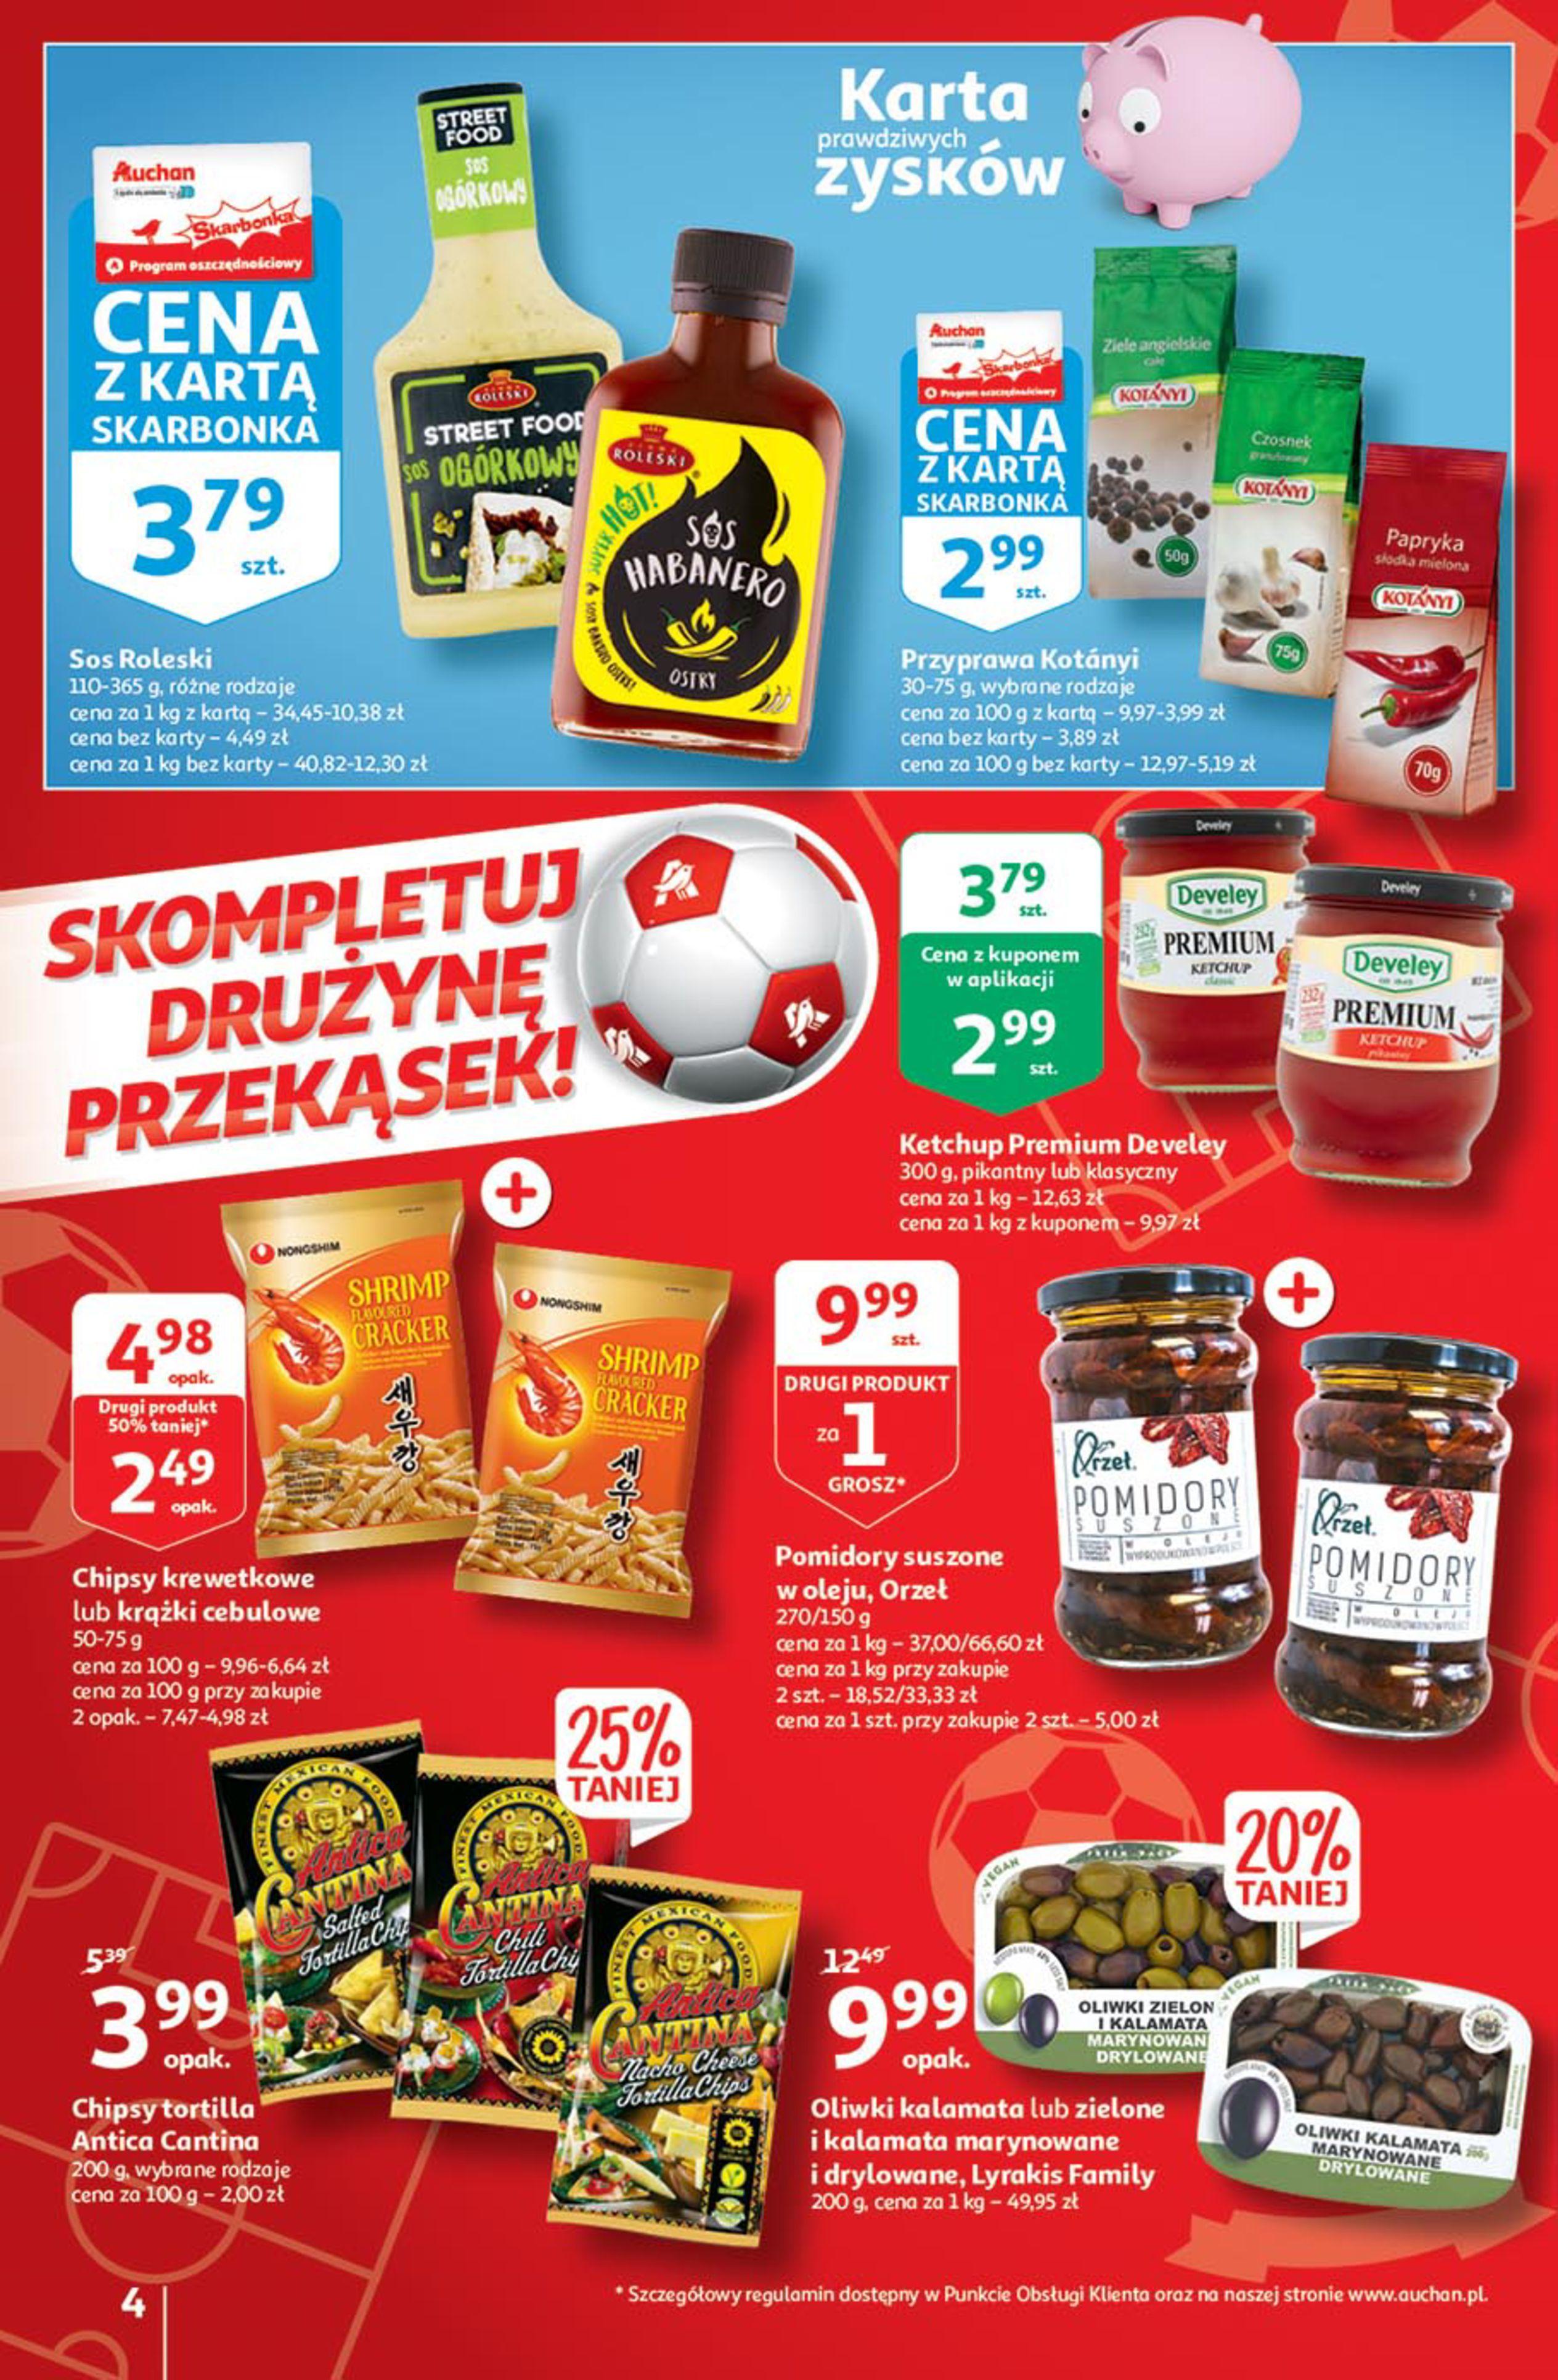 Gazetka Auchan: Gazetka Auchan - Euro 2020 2021-06-10 page-4